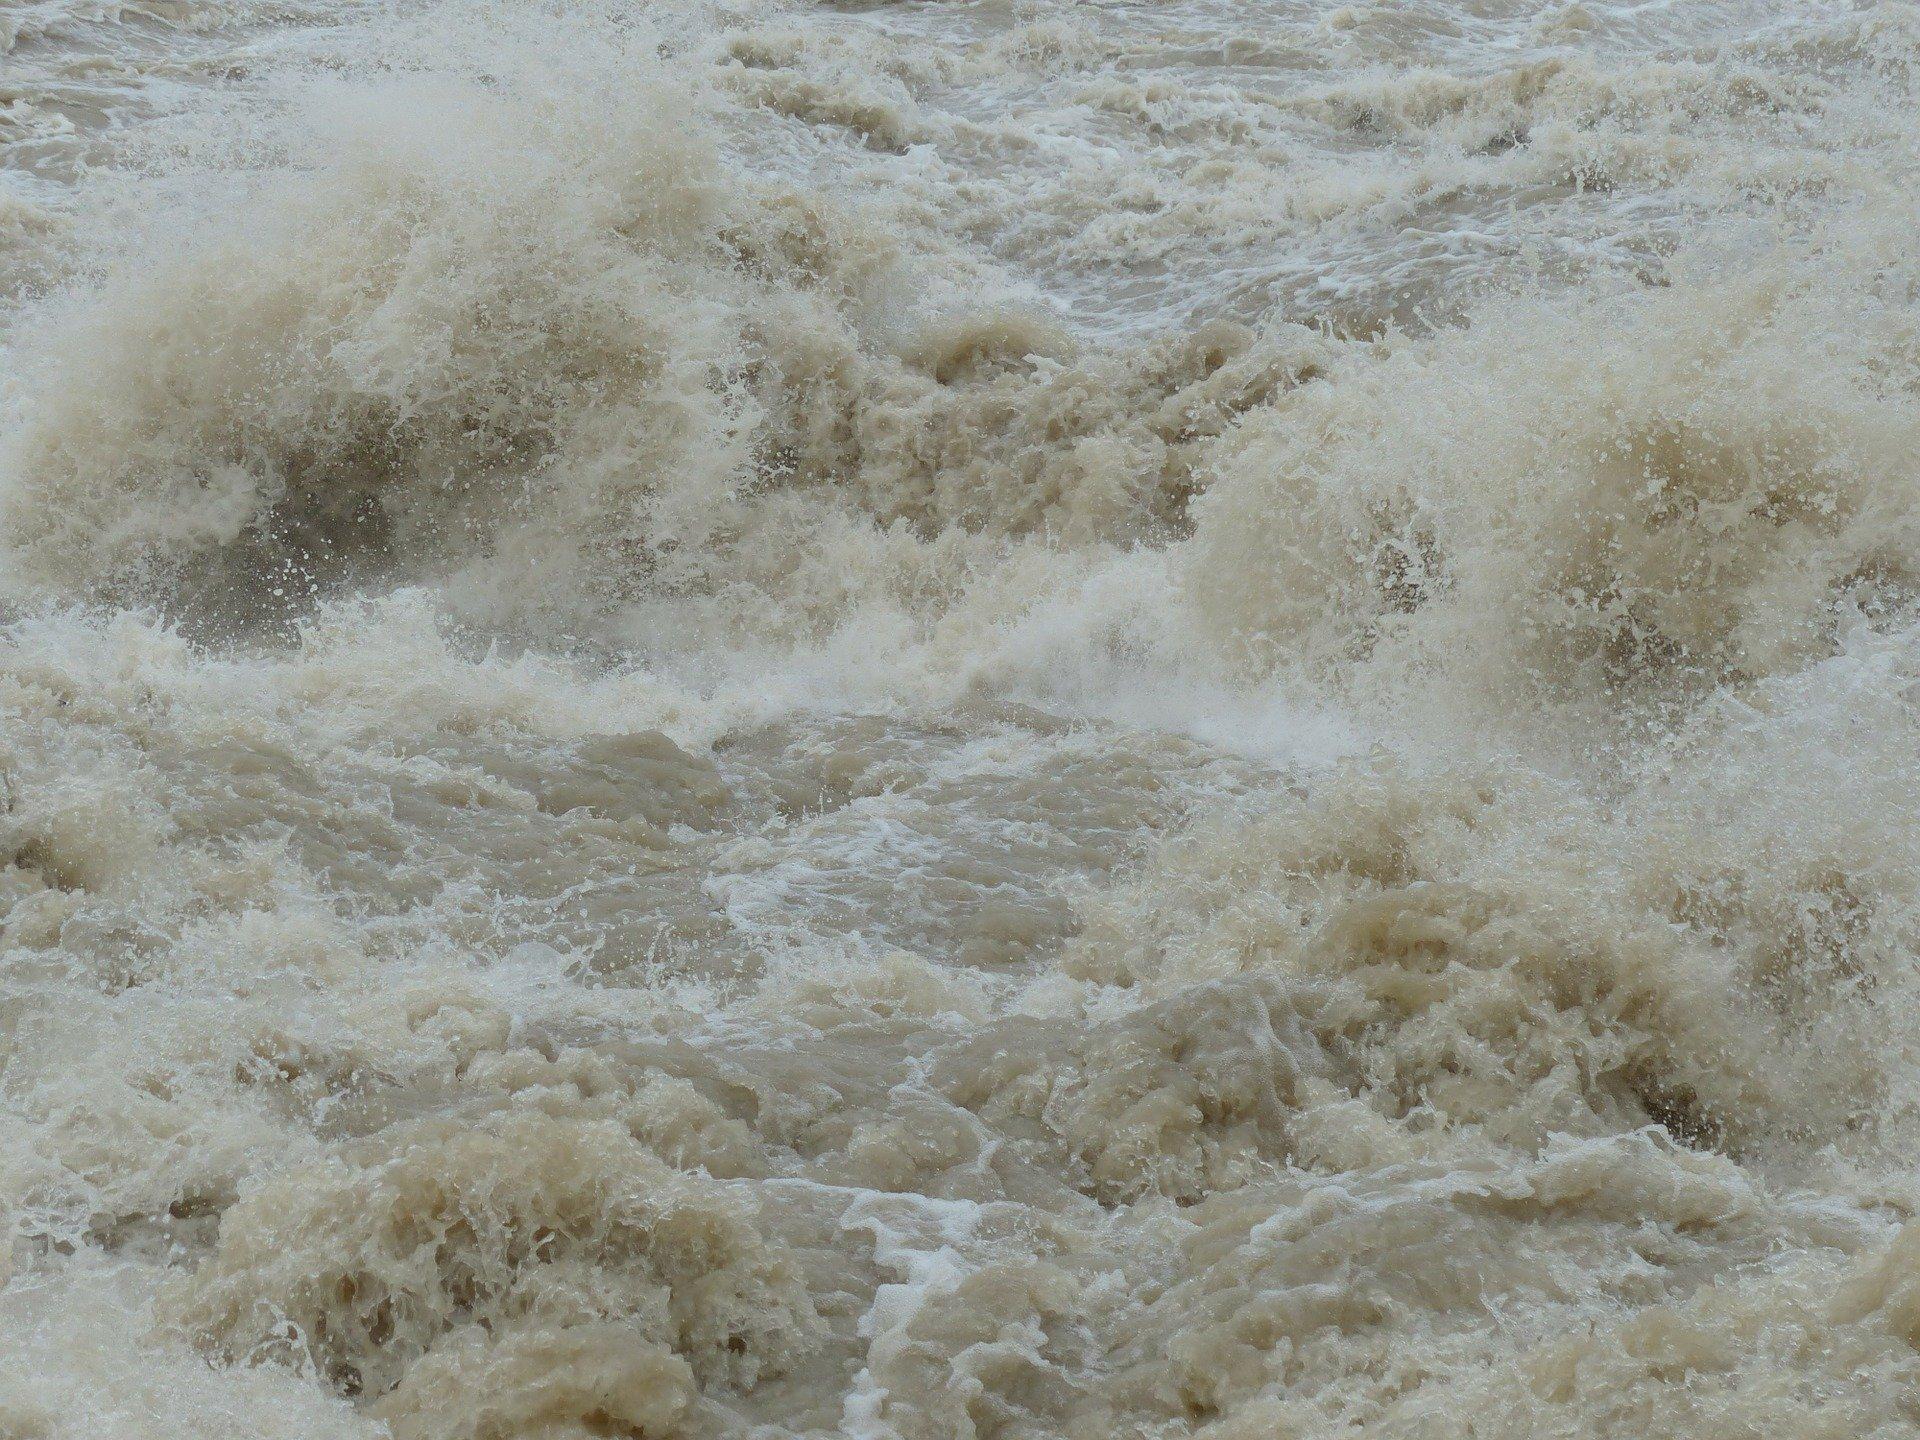 Hochwasser_Foto_Pixabay